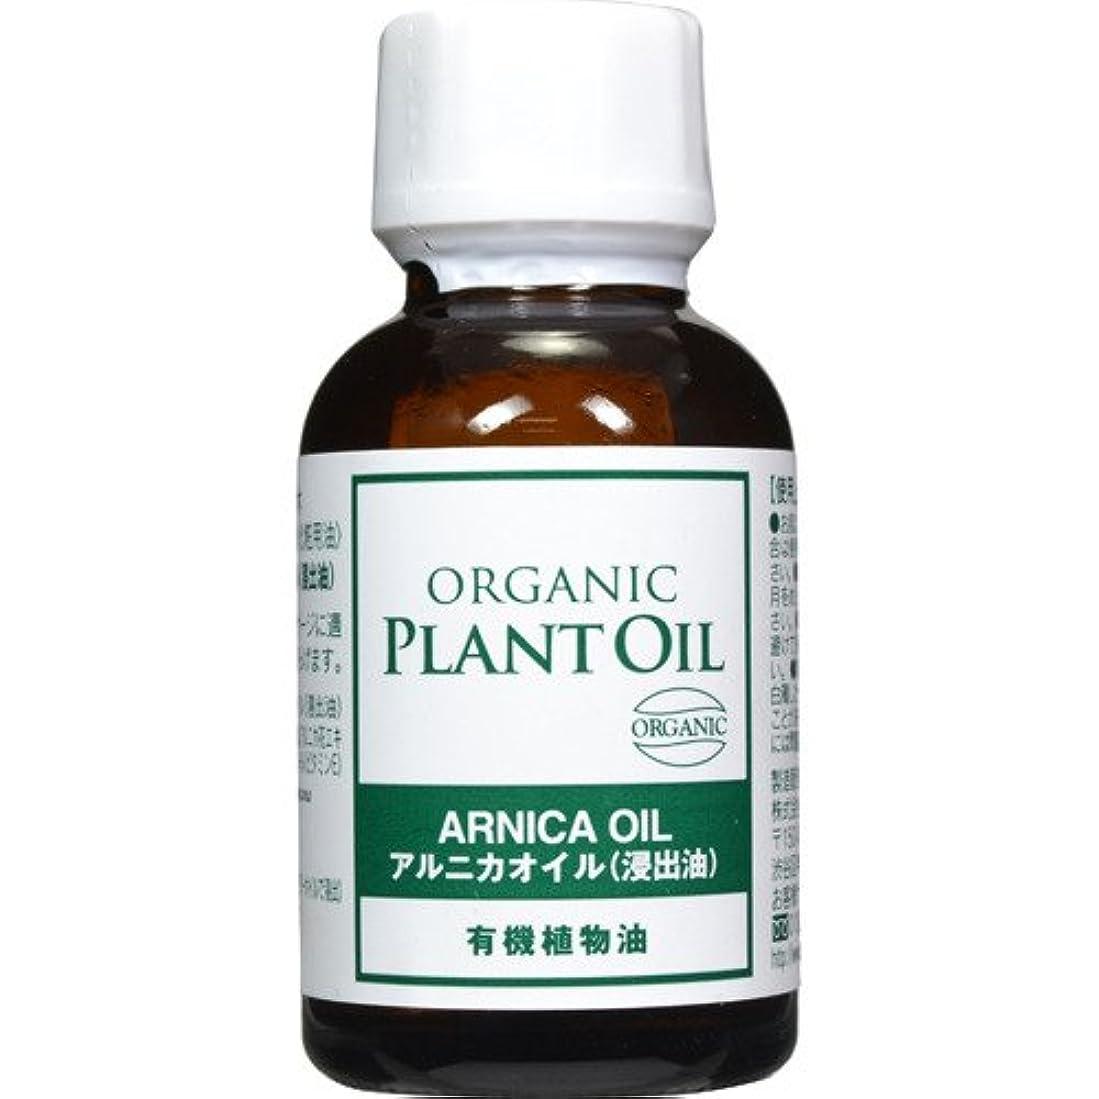 パネル日常的に暗殺する生活の木 有機アルニカオイル(浸出油) 25ml